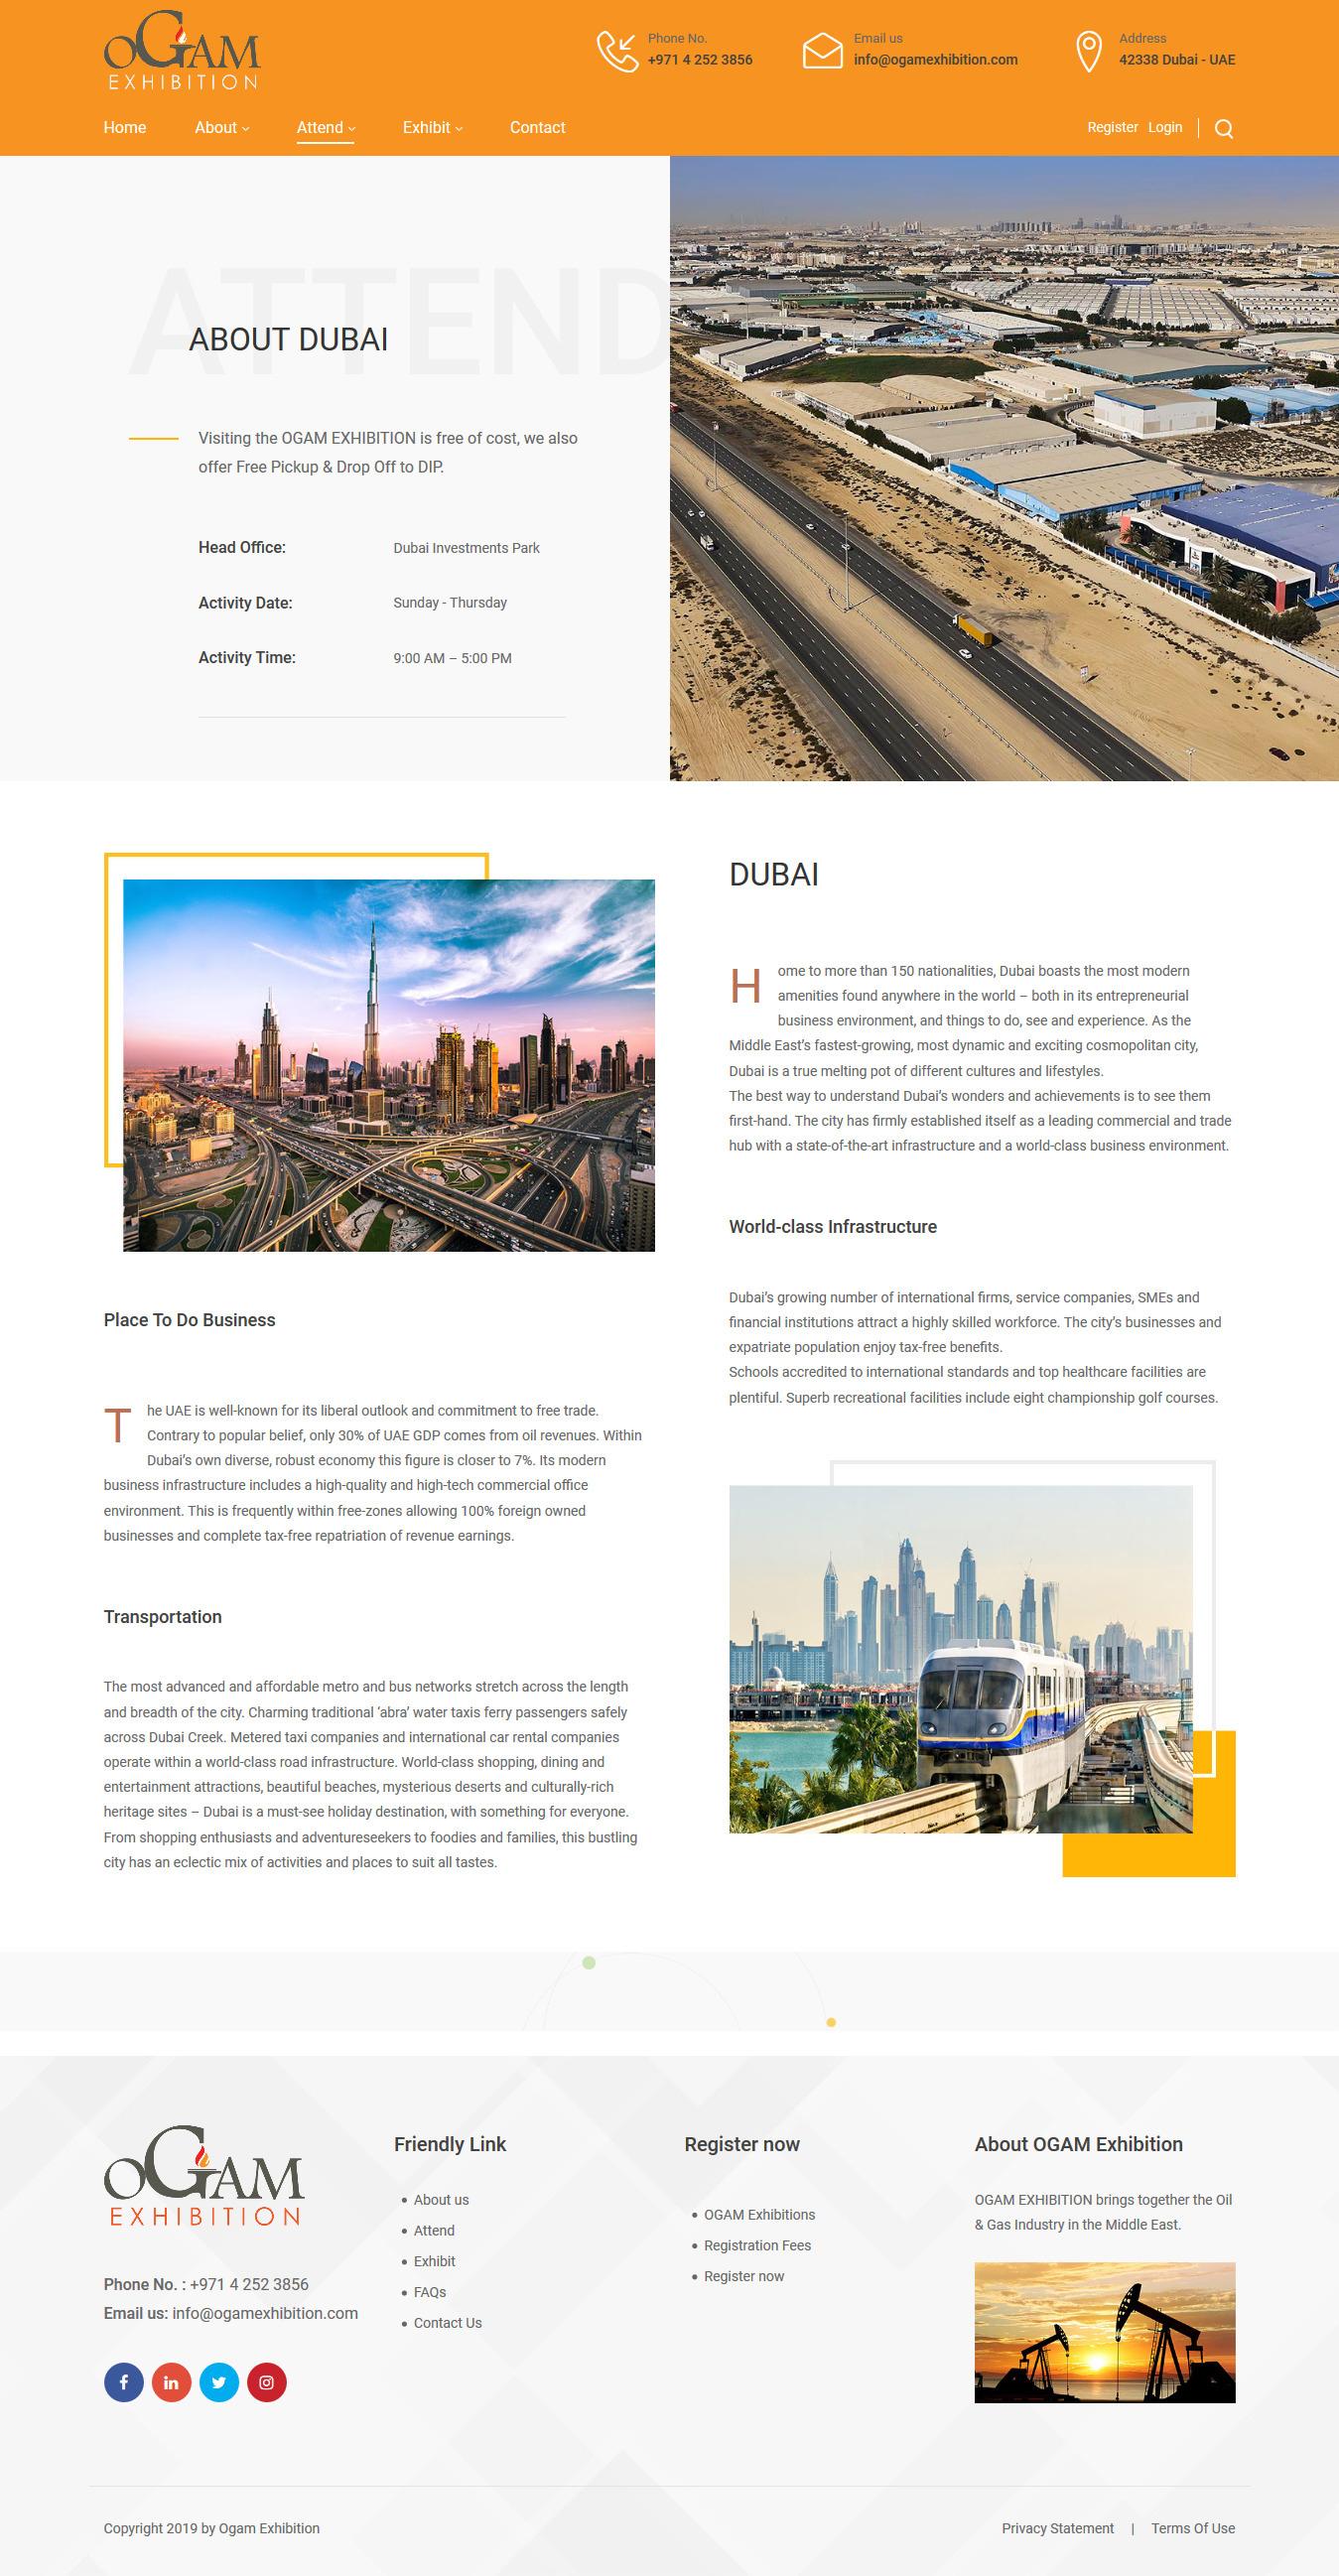 تصویری از صفحه معرفی جاذبههای تجاری و تفریحی دوبی